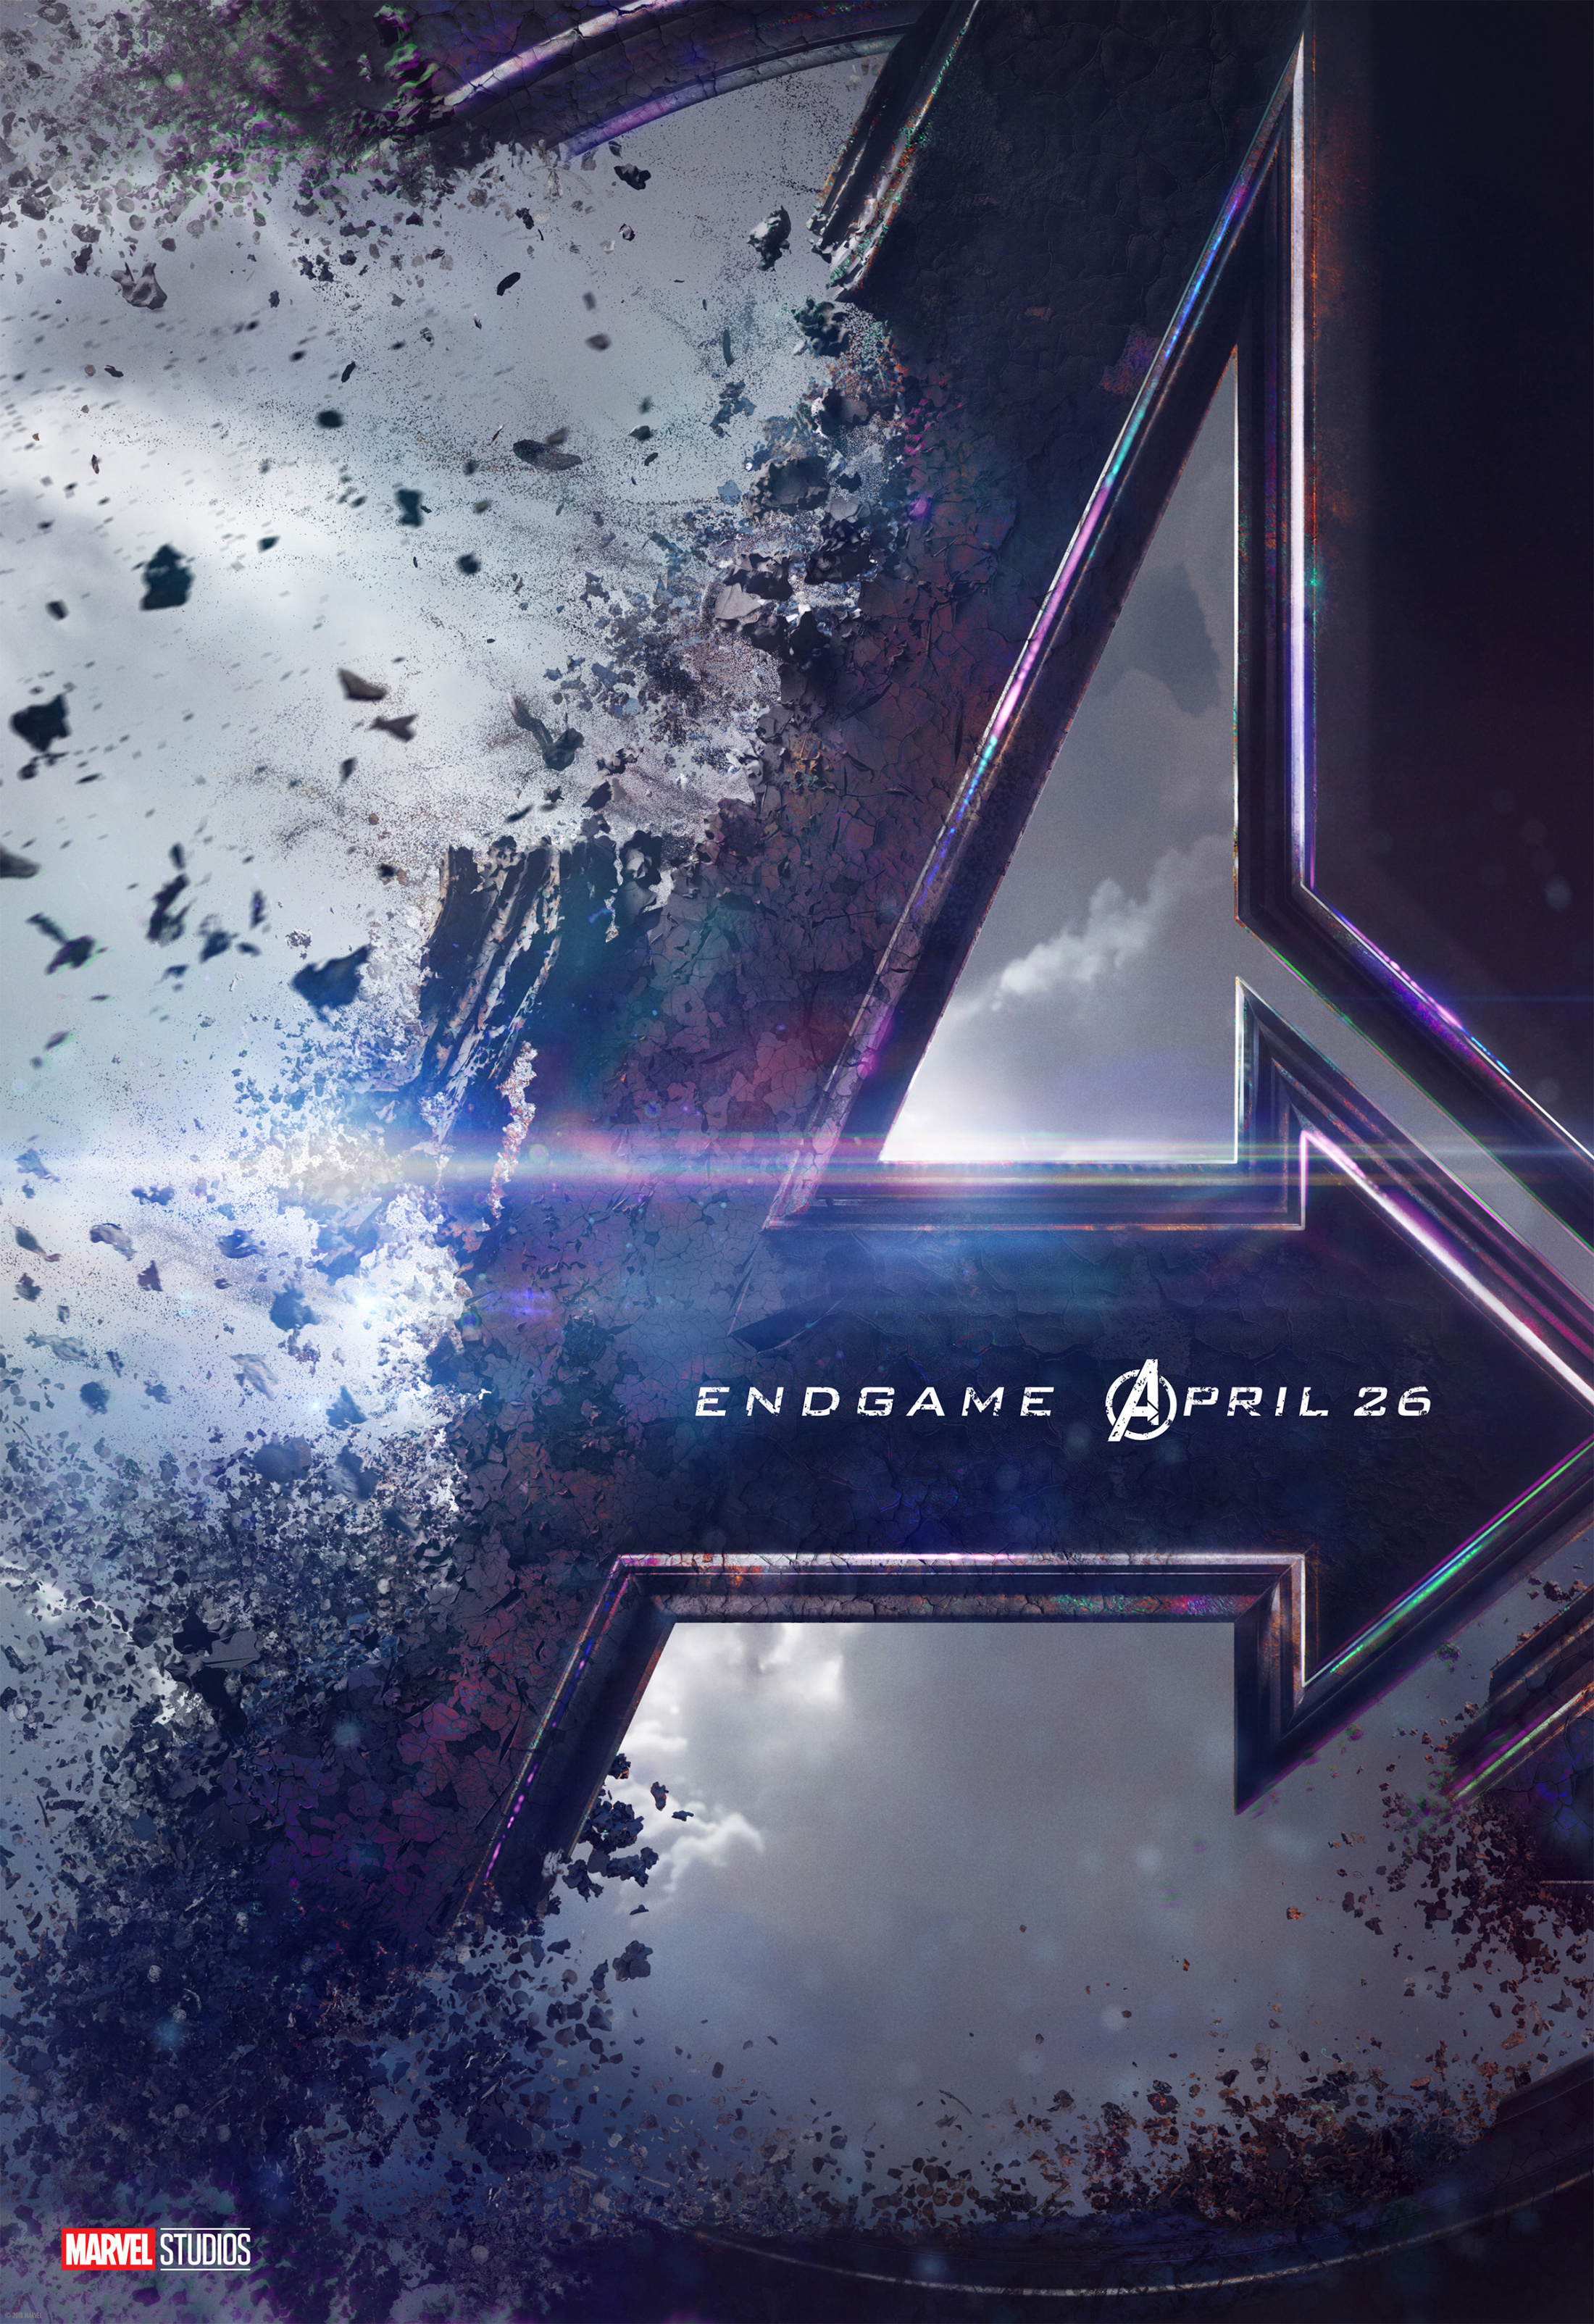 Thumbnail for Avengers: Endgame Teaser